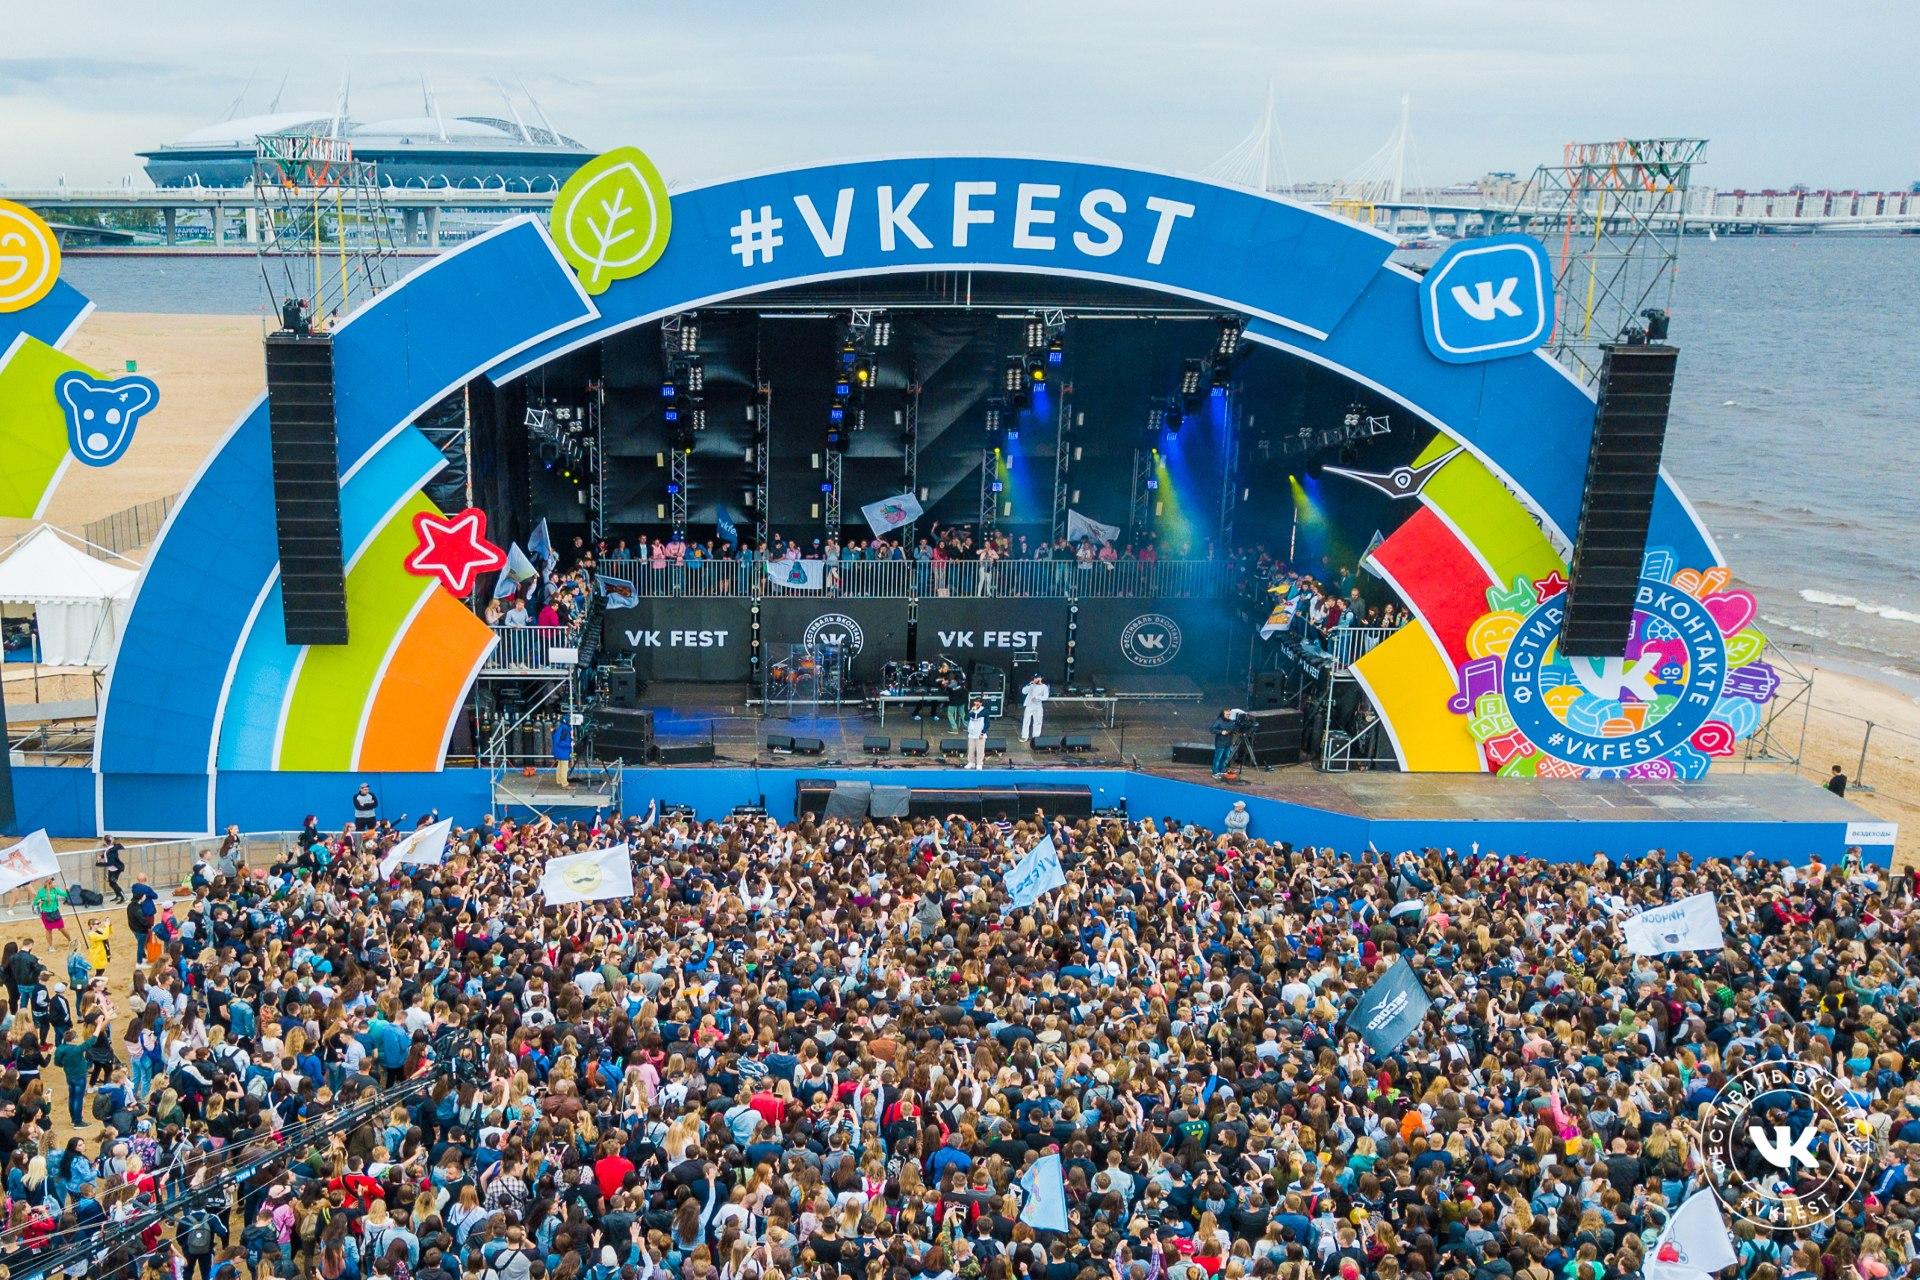 Стикеры VK Fest как получить бесплатно весь набор Вконтакте